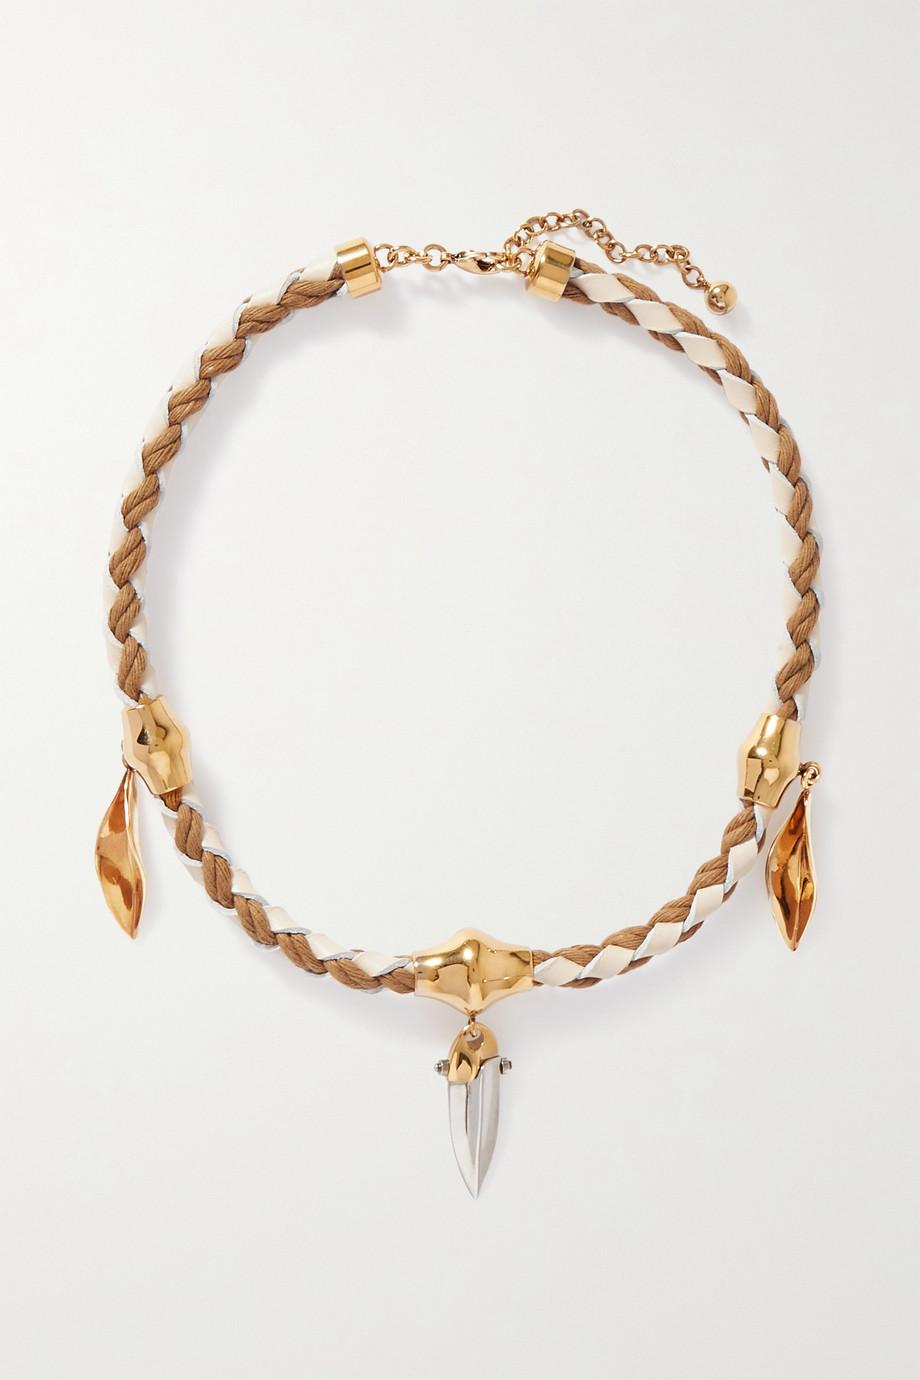 Chloé Collier en cuir, coton et métal doré et argenté